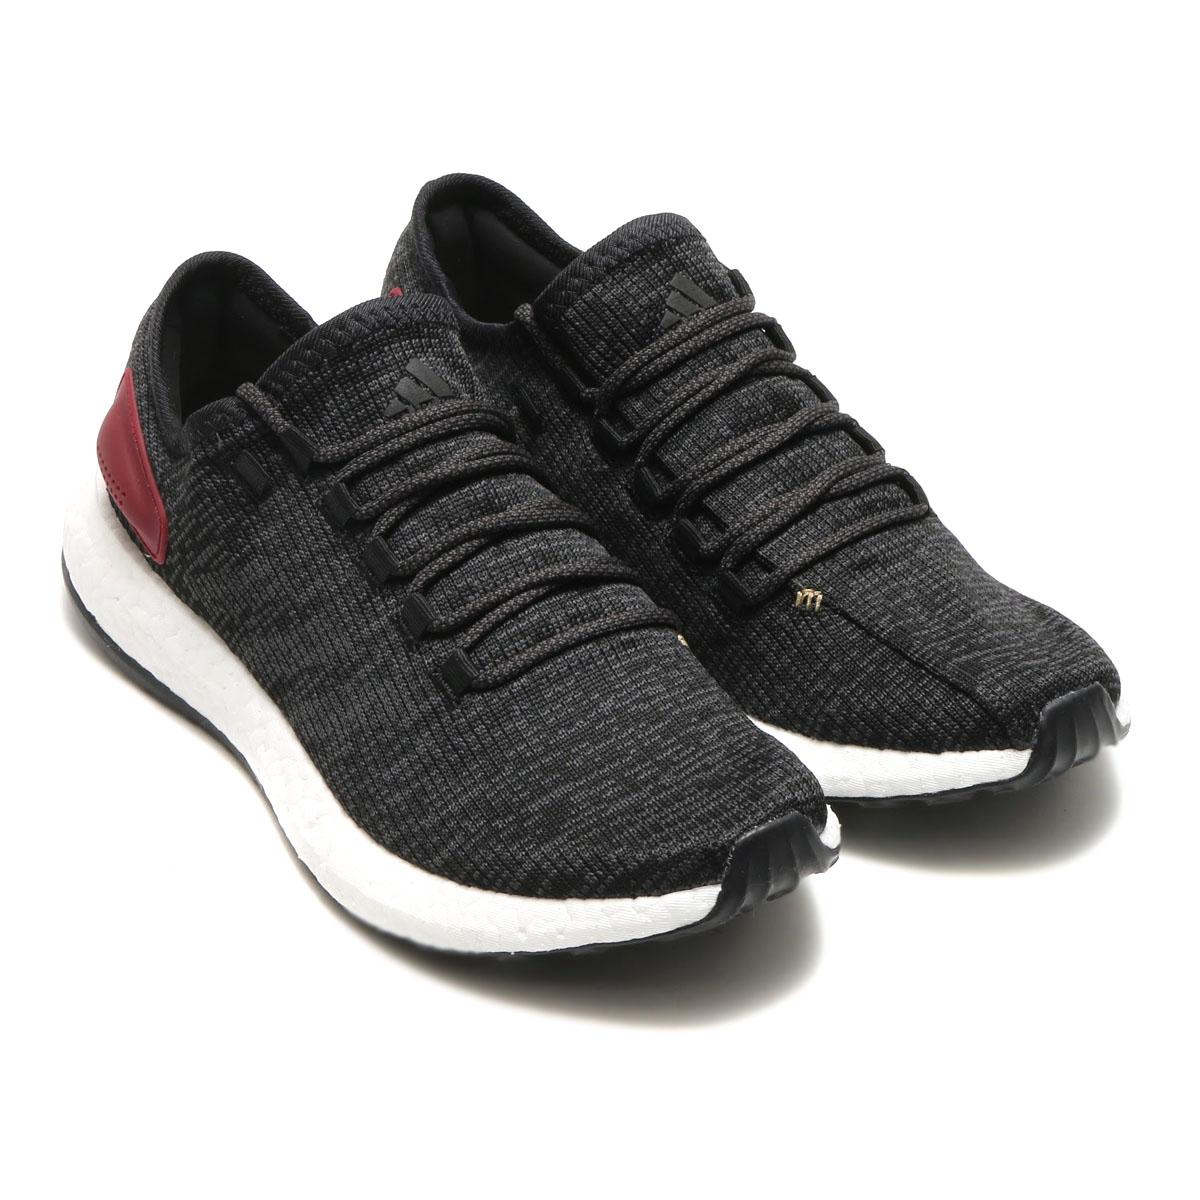 9656c3568d63bd adidas originals pureboost ltd (adidas pure boost limited) (core black dgh  solid